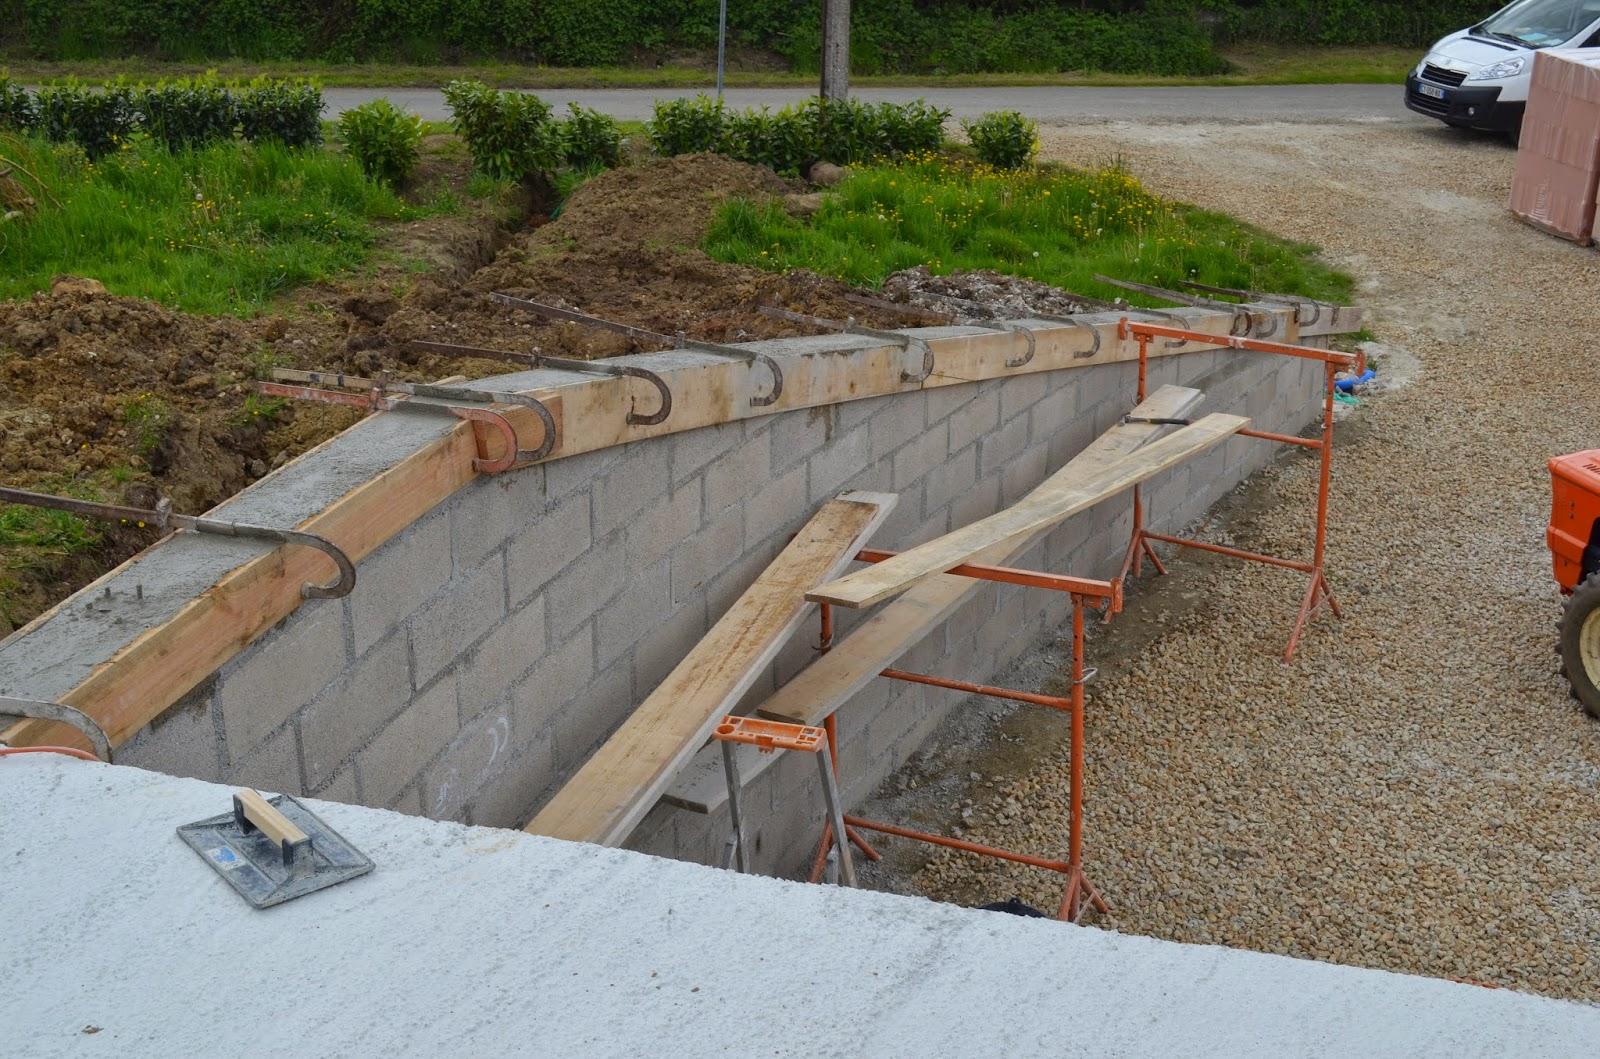 projet construction de maison finition du mur de sout nement et de l 39 escalier semaine 19. Black Bedroom Furniture Sets. Home Design Ideas